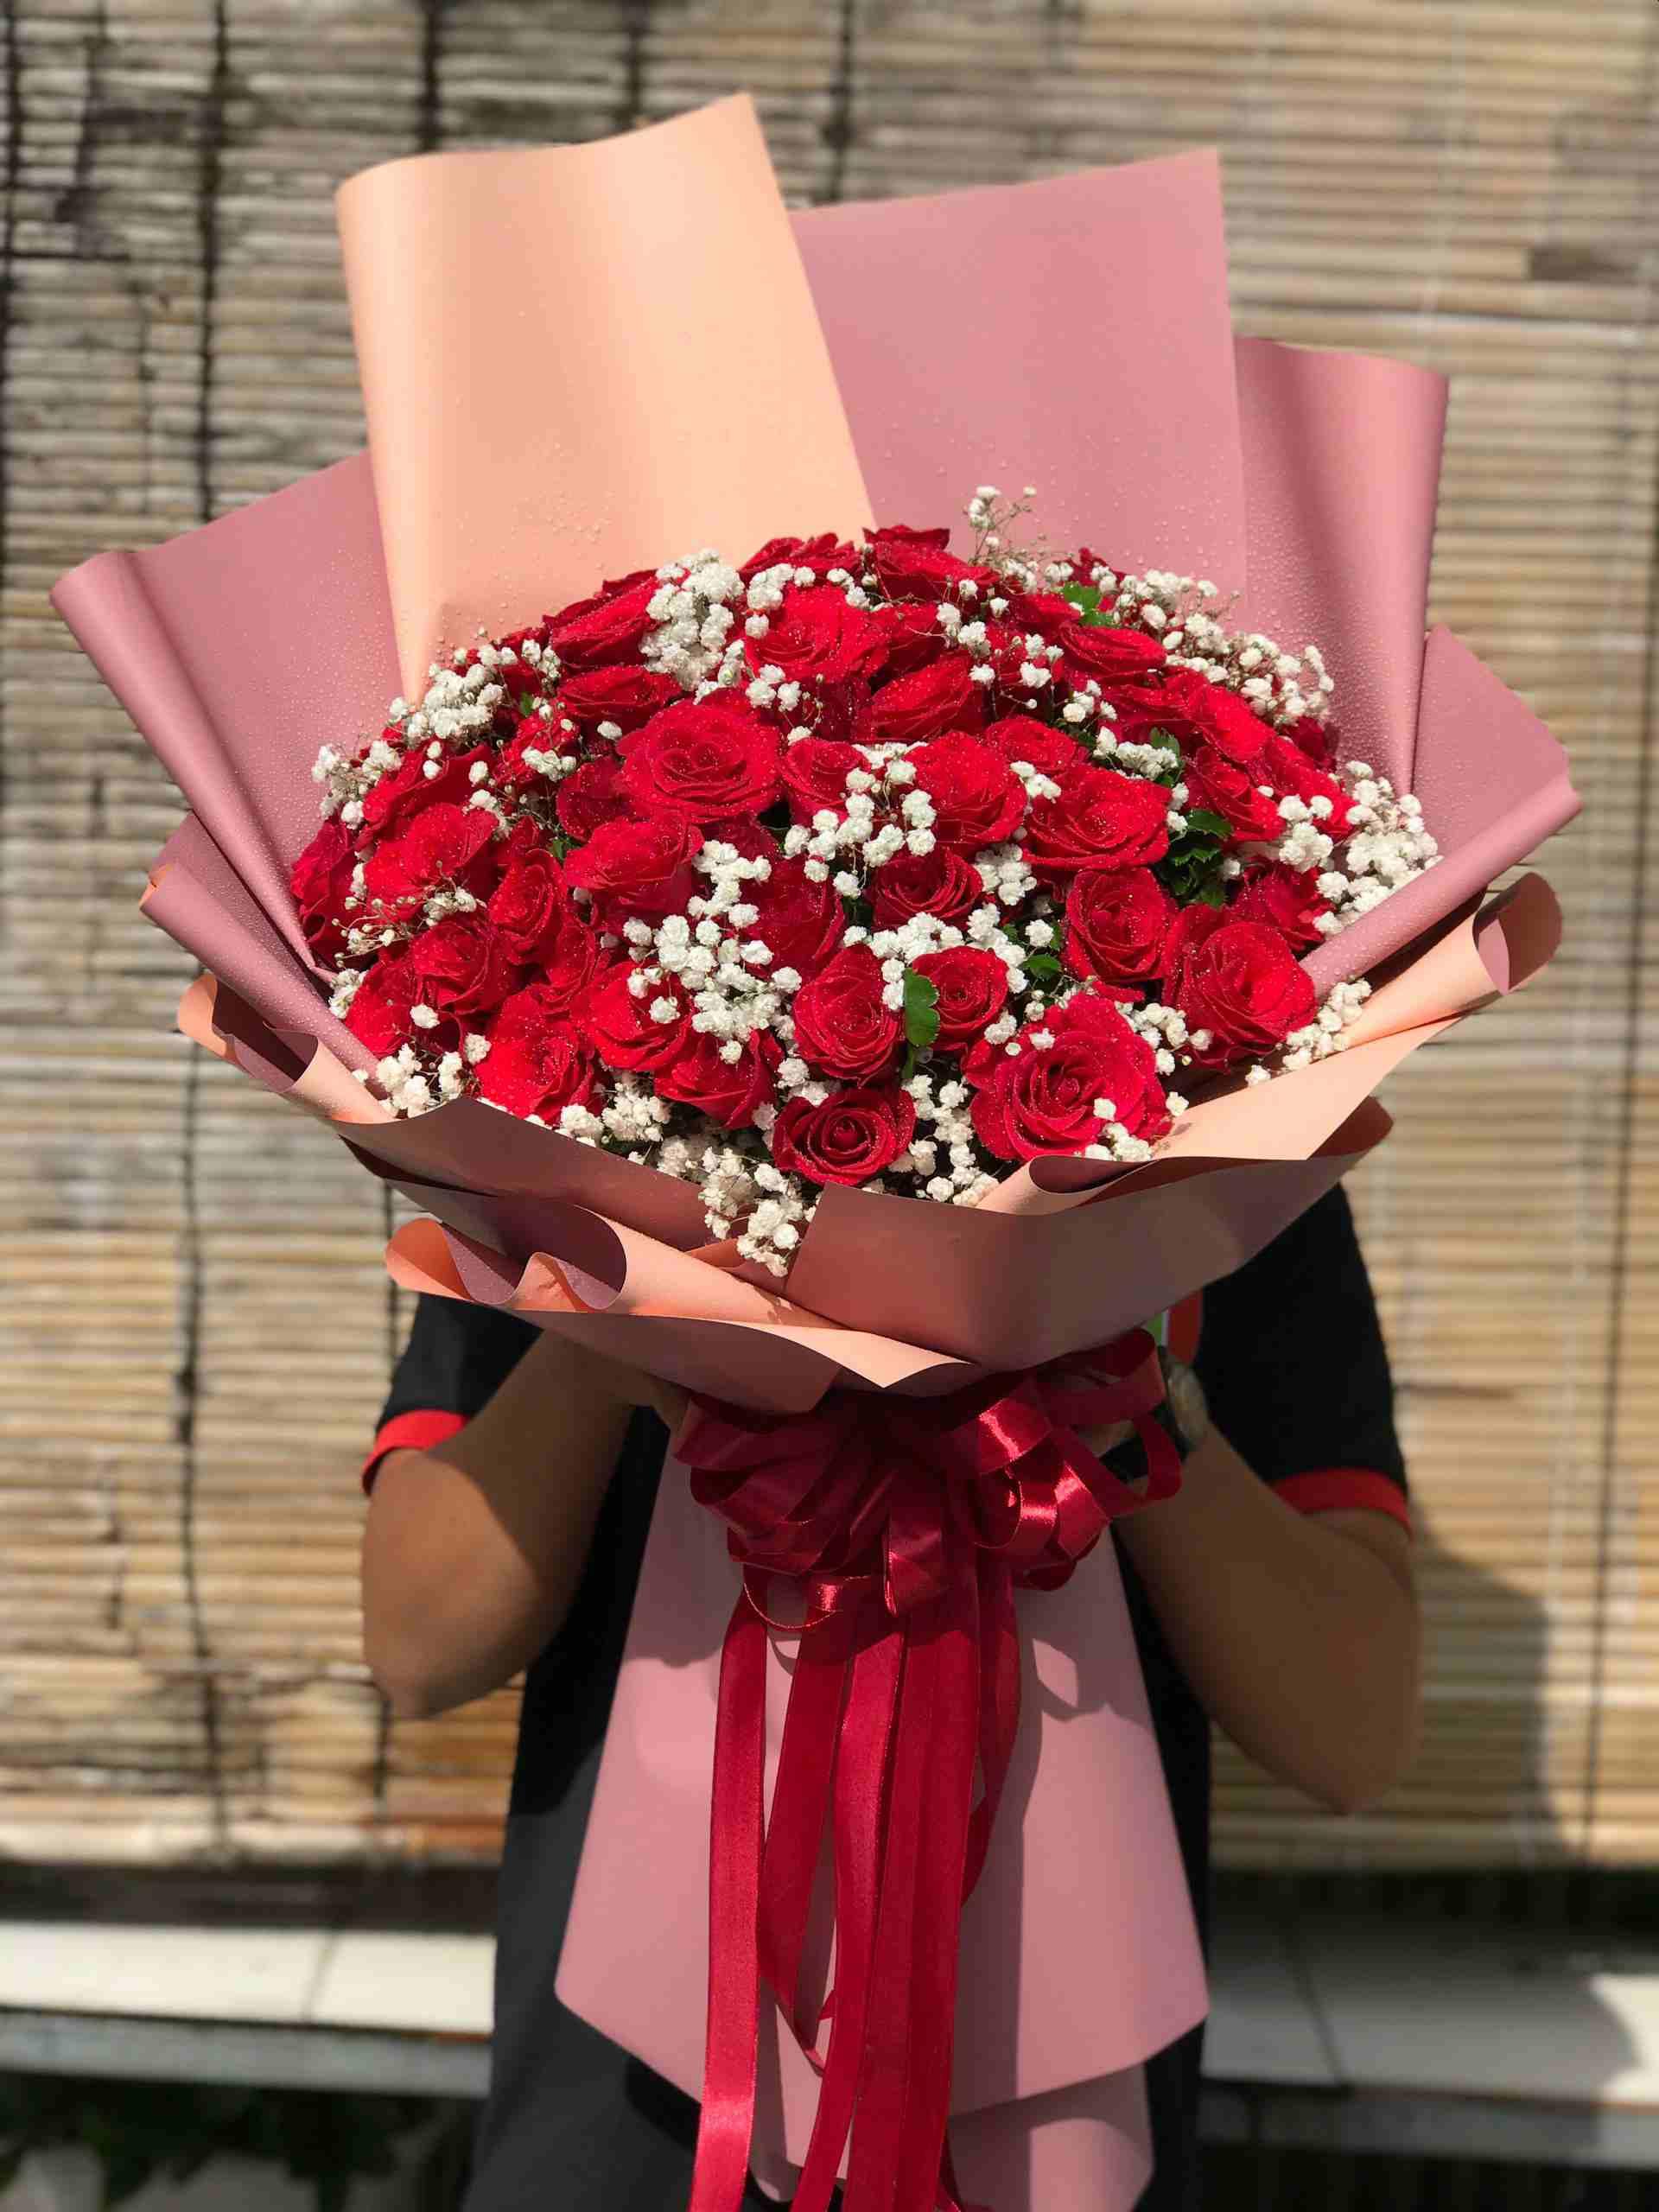 Mẫu Bó Hoa Hồng Đỏ 80 Bông Flower shop gò Dầu Thực Hiện Cho Khách ( Mẫu Hoa Đặt Trước 120 phút )